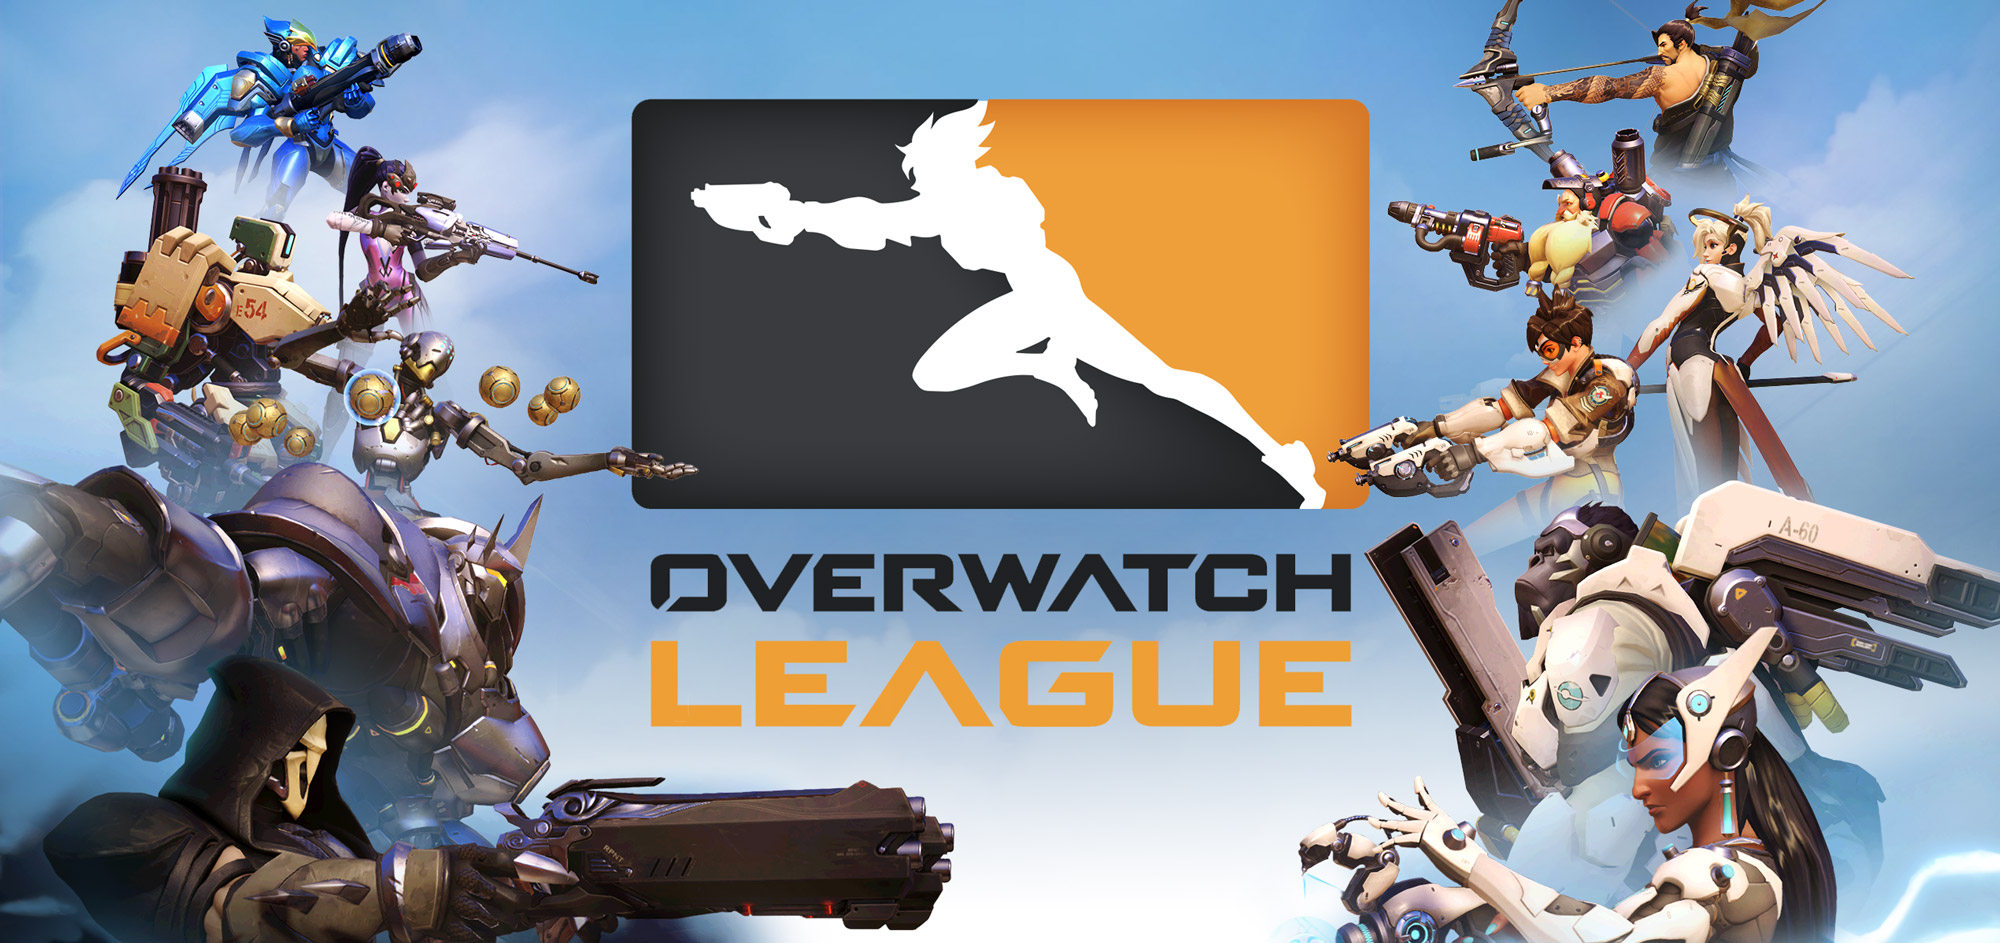 Overwatch League – Floppt die Liga wegen Blizzards überzogenen Preisen?